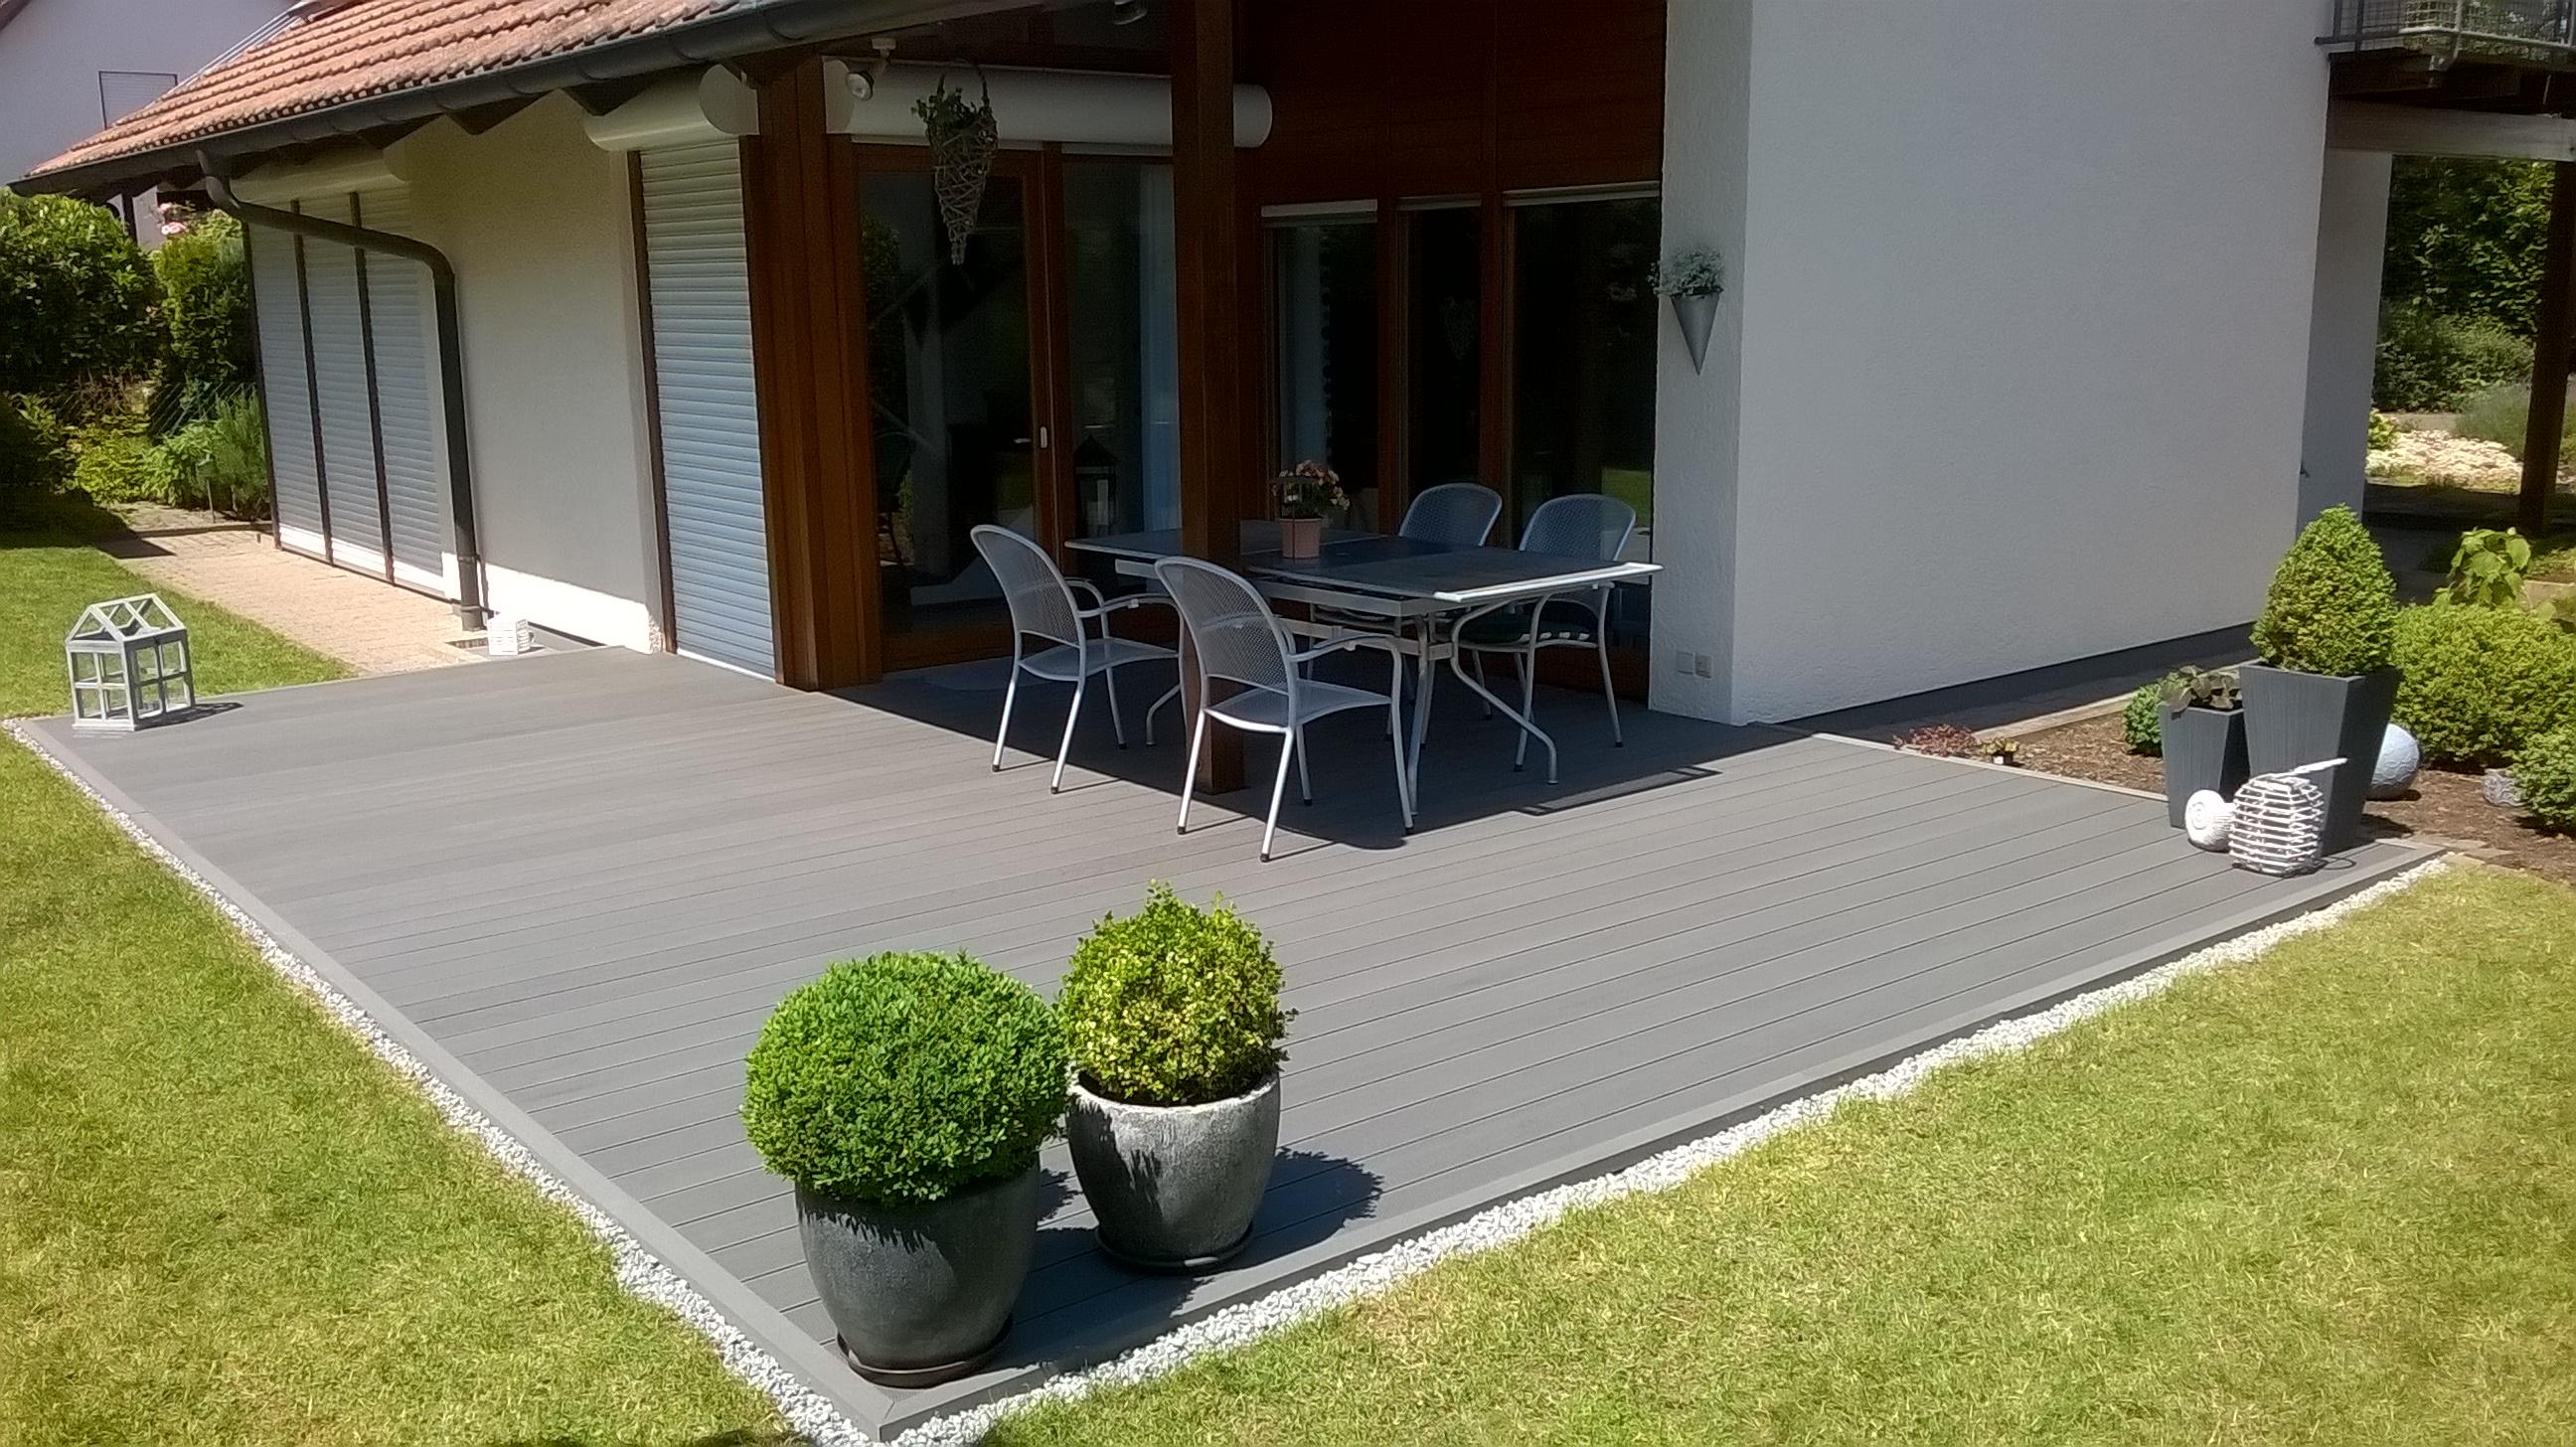 holz kunststoff dielen terrasse megawood wpc. Black Bedroom Furniture Sets. Home Design Ideas